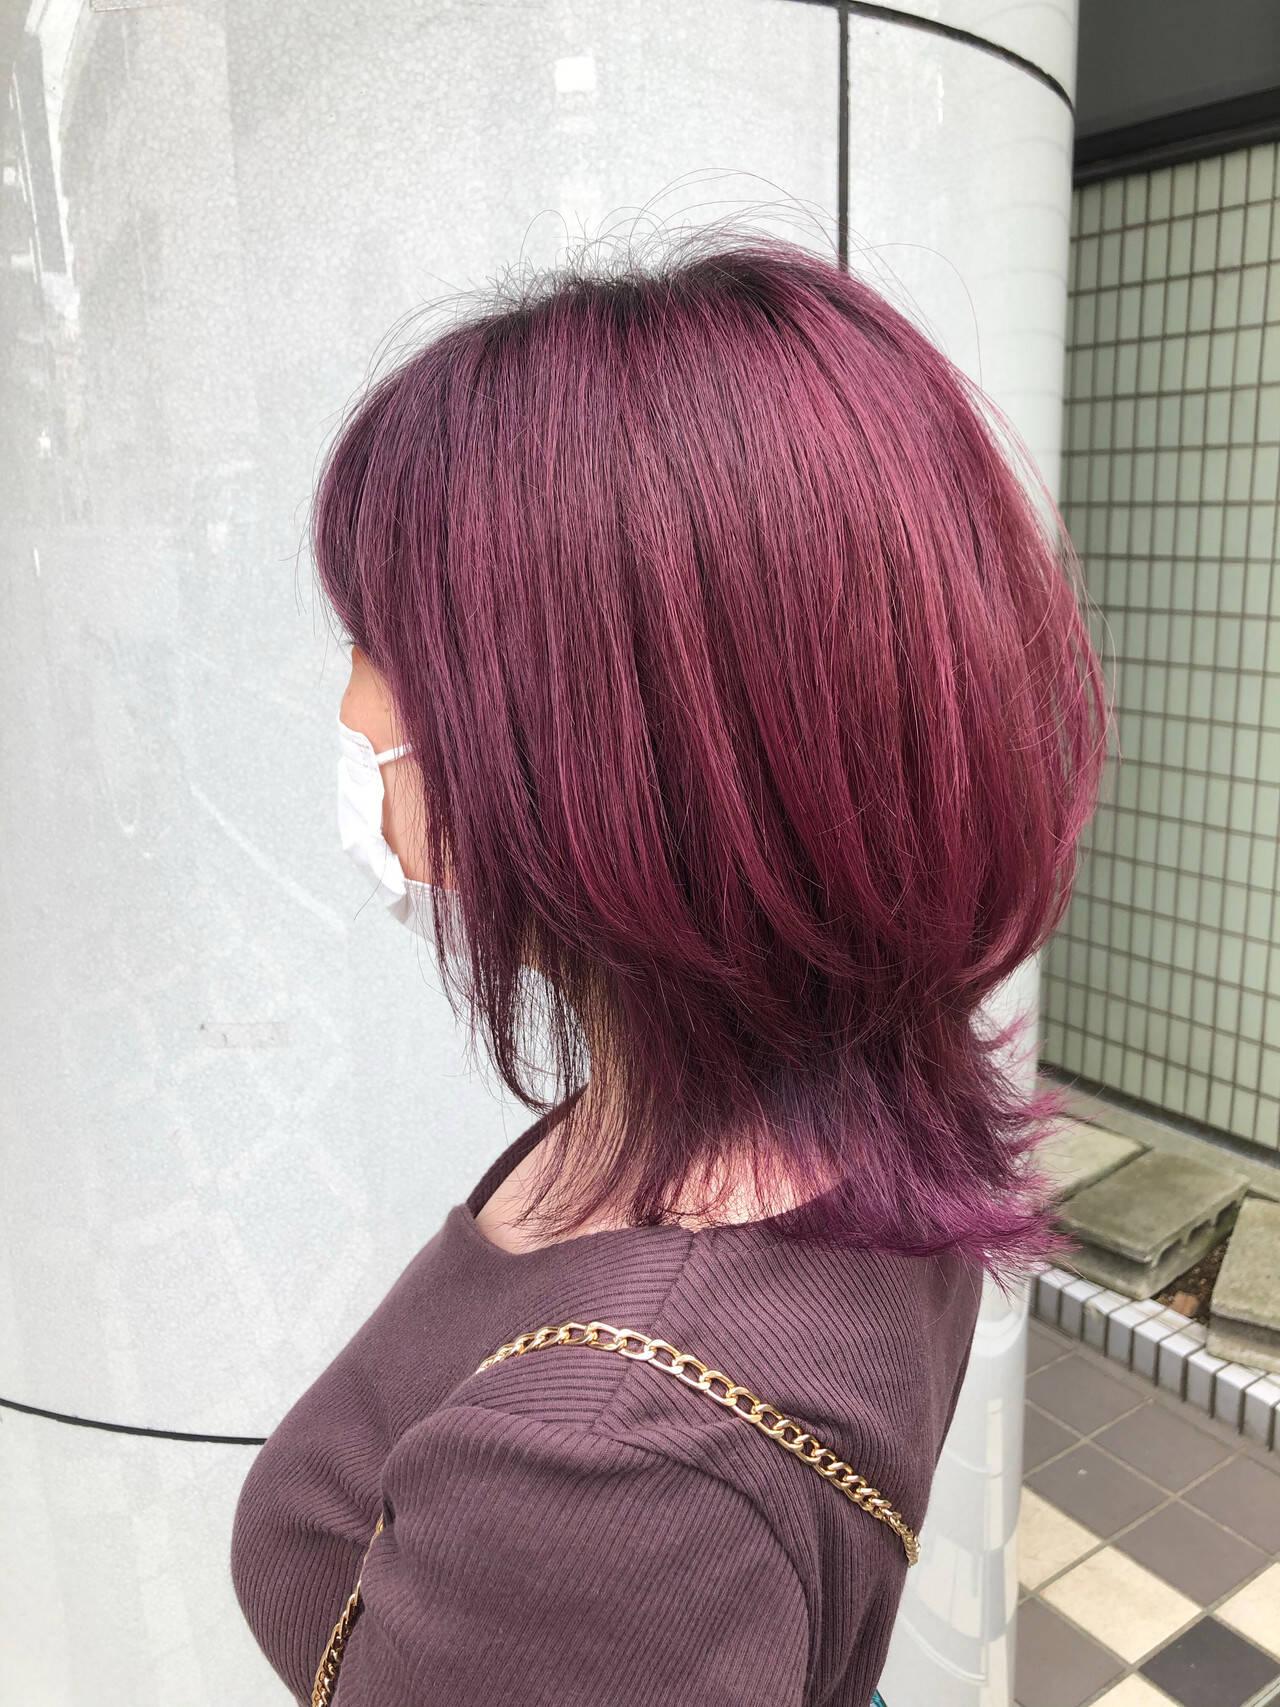 ボルドー ガーリー ピンクバイオレット ミディアムヘアスタイルや髪型の写真・画像